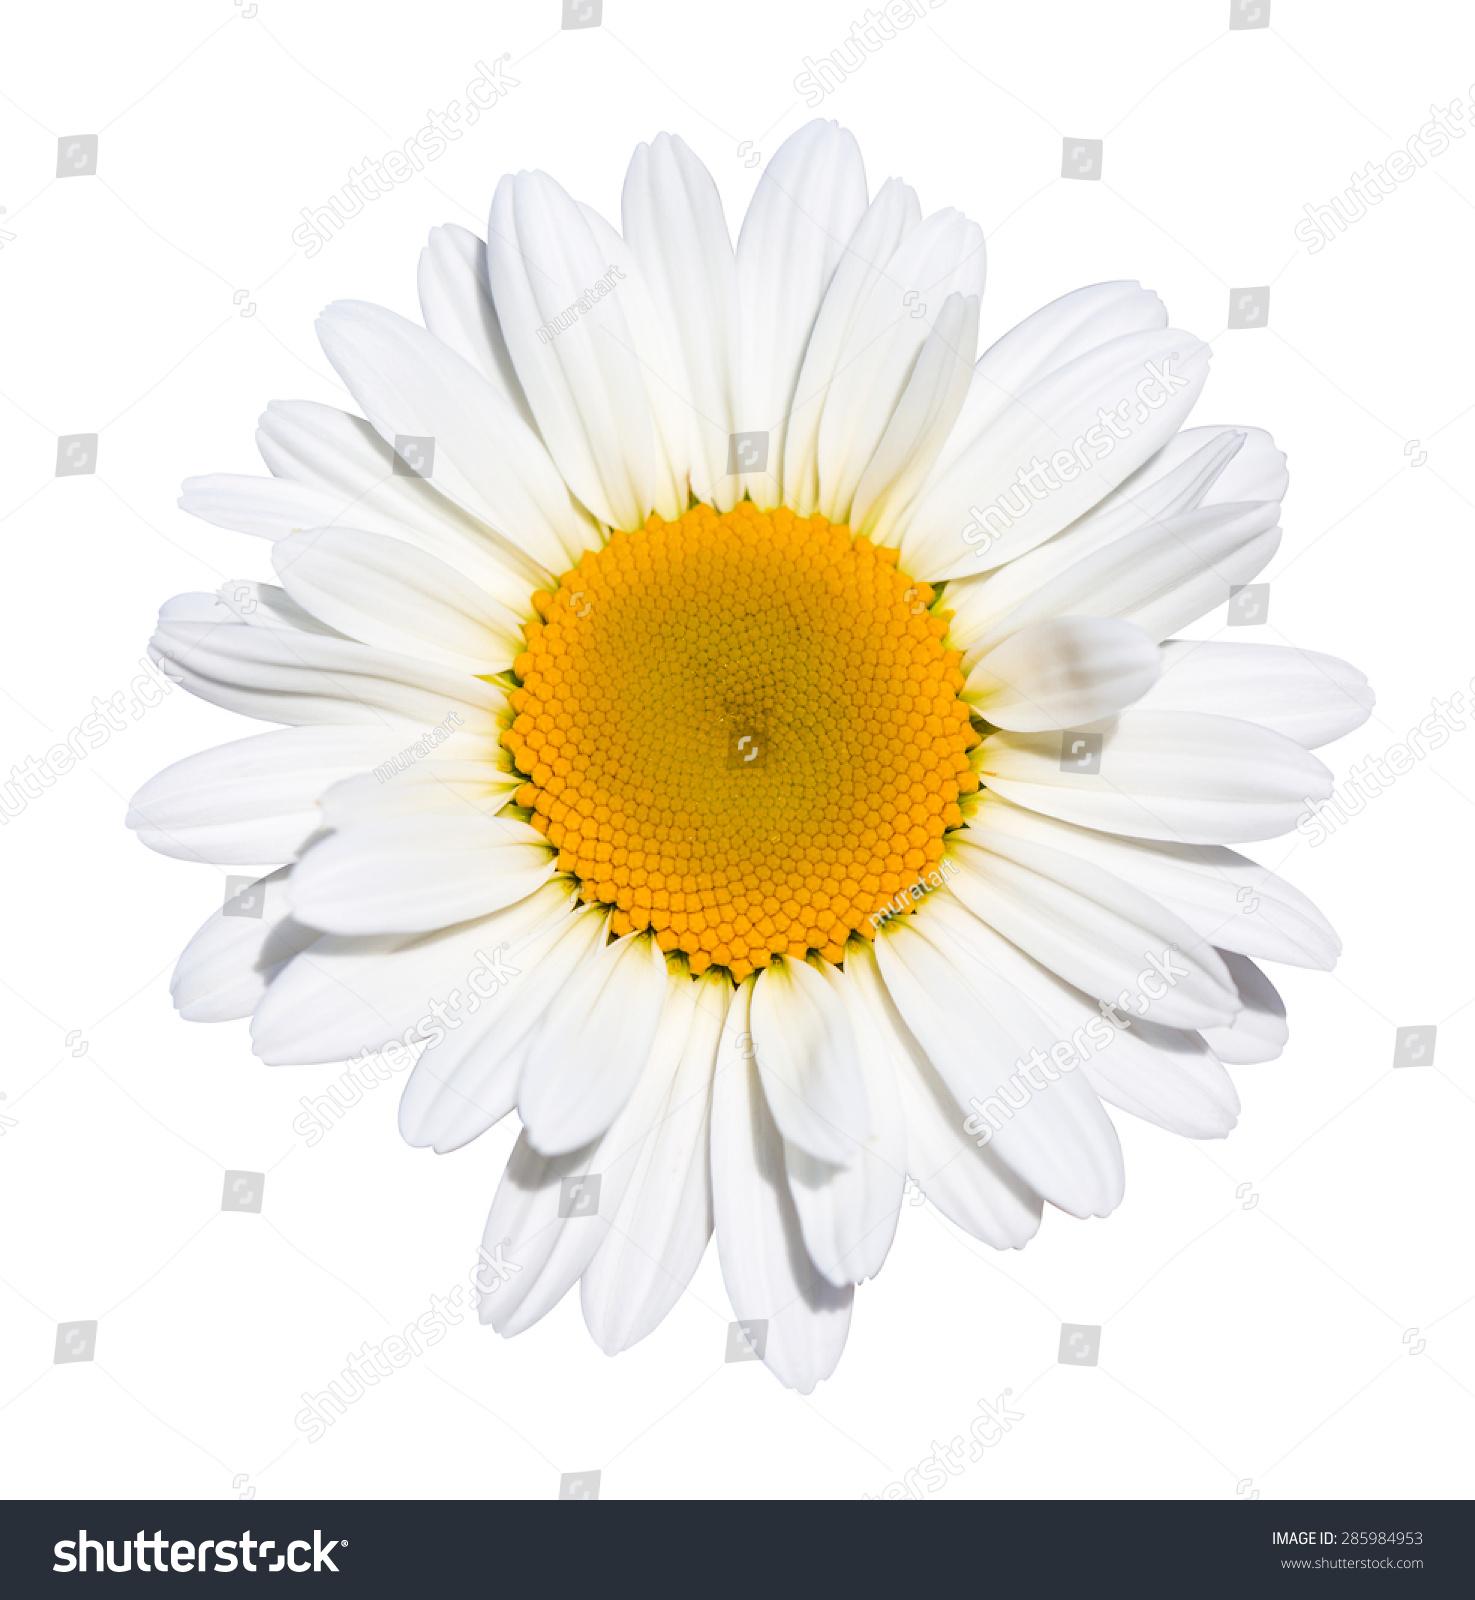 Beautiful daisy flower on white background stock photo royalty free beautiful daisy flower on white background izmirmasajfo Choice Image